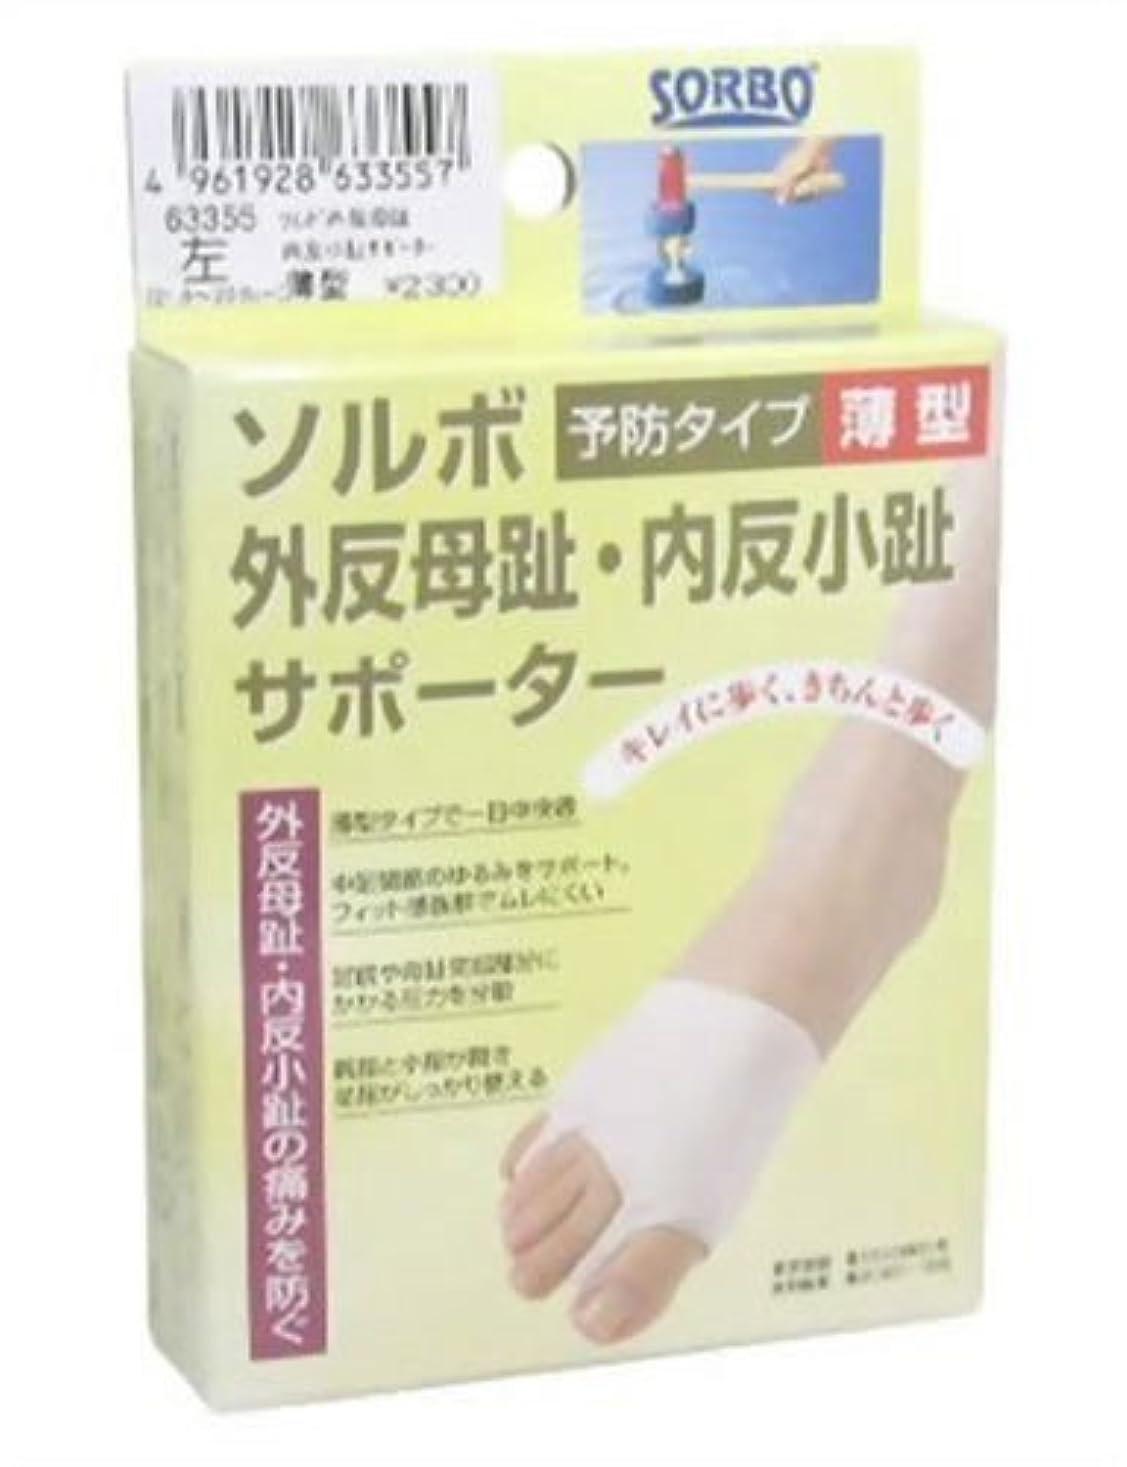 シャベル株式工業用ソルボ 外反母趾?内反小趾サポーター 薄型 Lサイズ 左足用